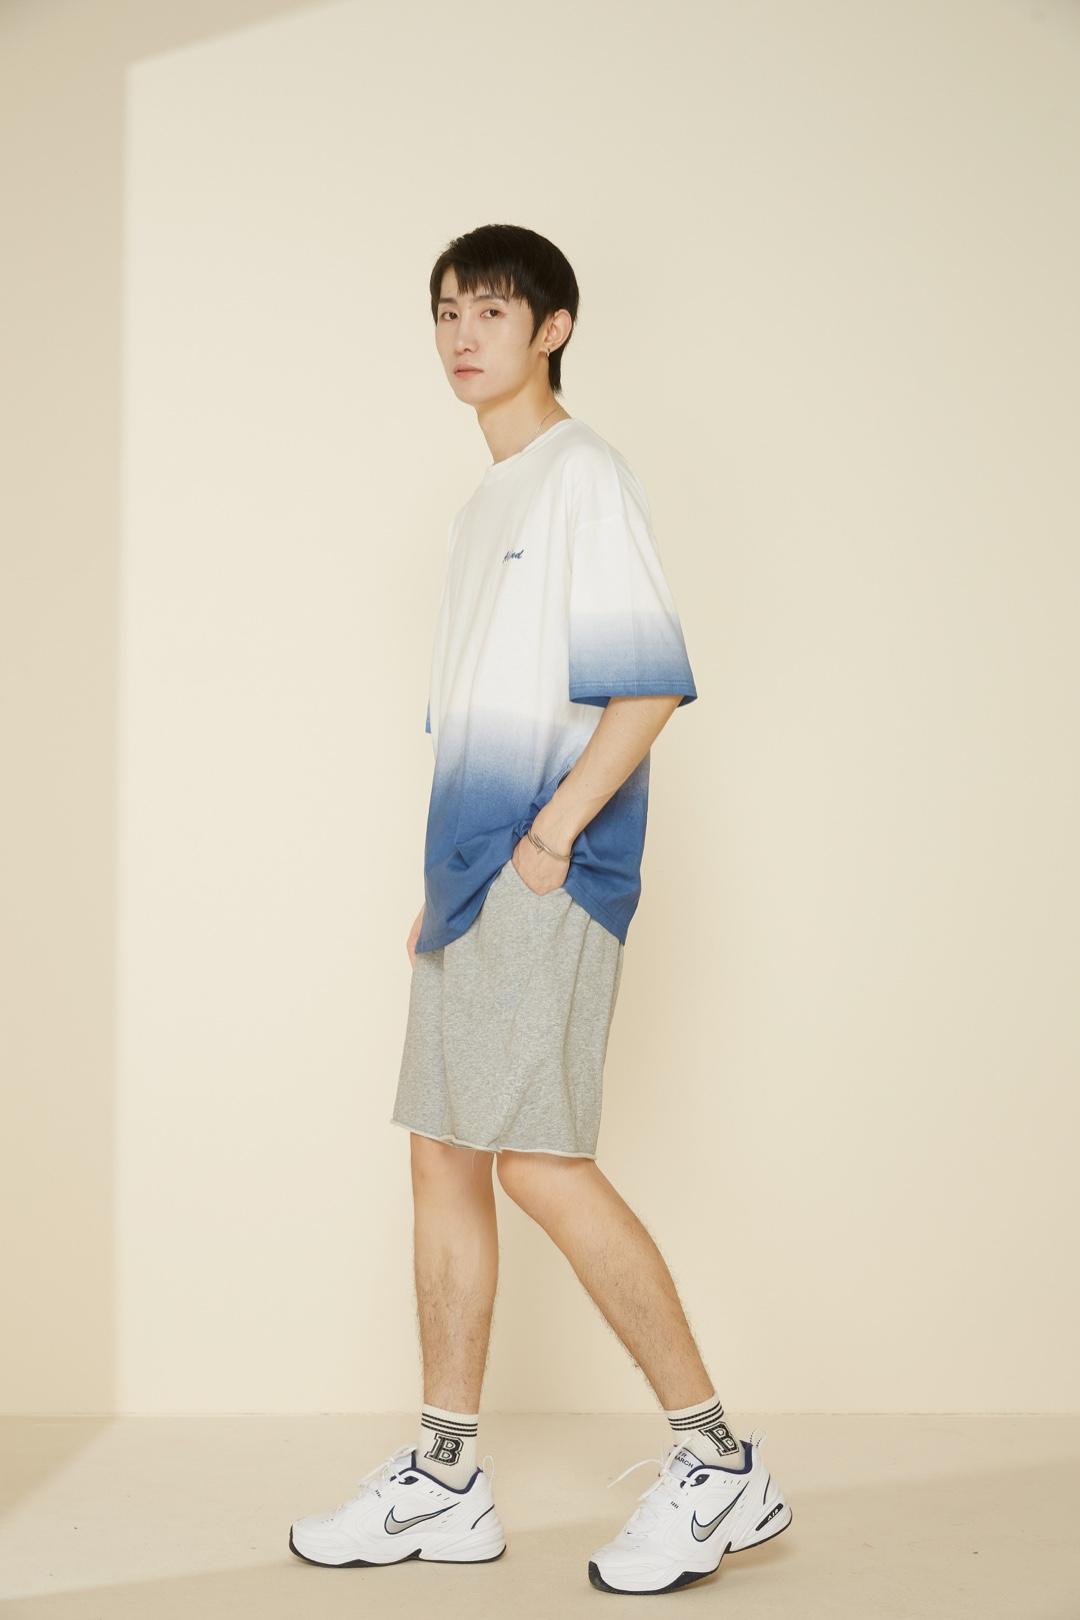 #盐系工装风,一穿就上头# -男生穿搭分享 渐变元素作为今年最流行的元素之一 T恤单品可以拥有一件 舒服百搭款 搭配了灰色系的棉质短裤 搭配了经典白色运动鞋 学院气息满满